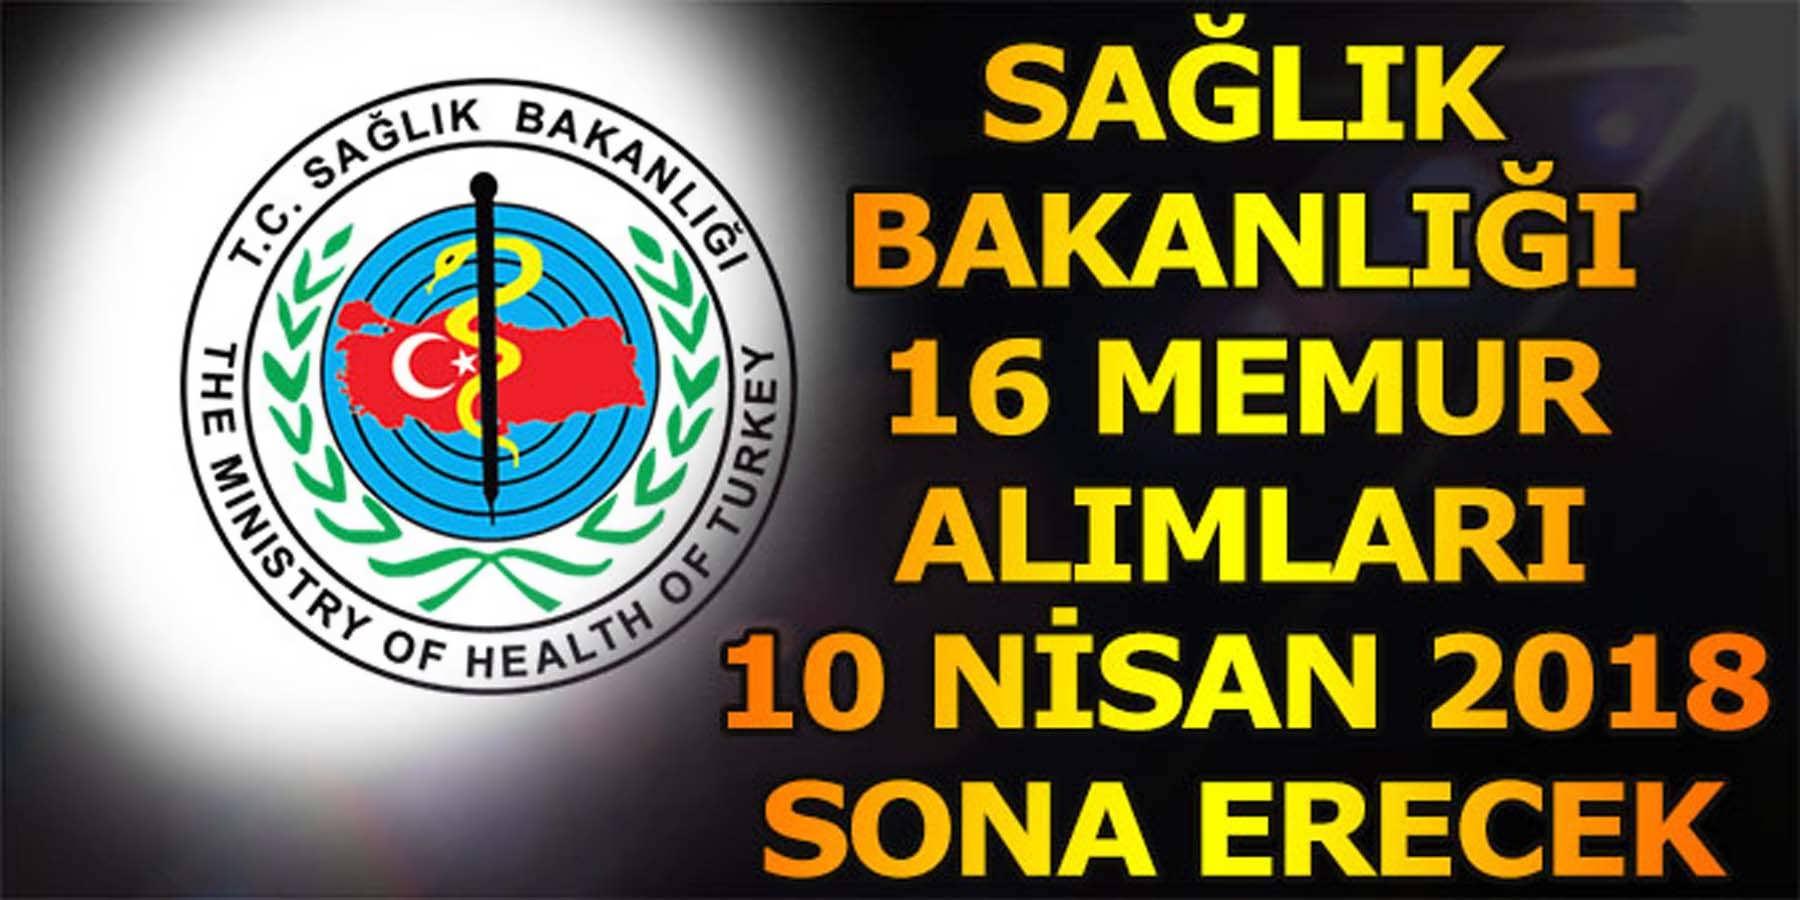 Sağlık Bakanlığı 16 Memur Alımı 10 Nisan 2018 Sona Eriyor